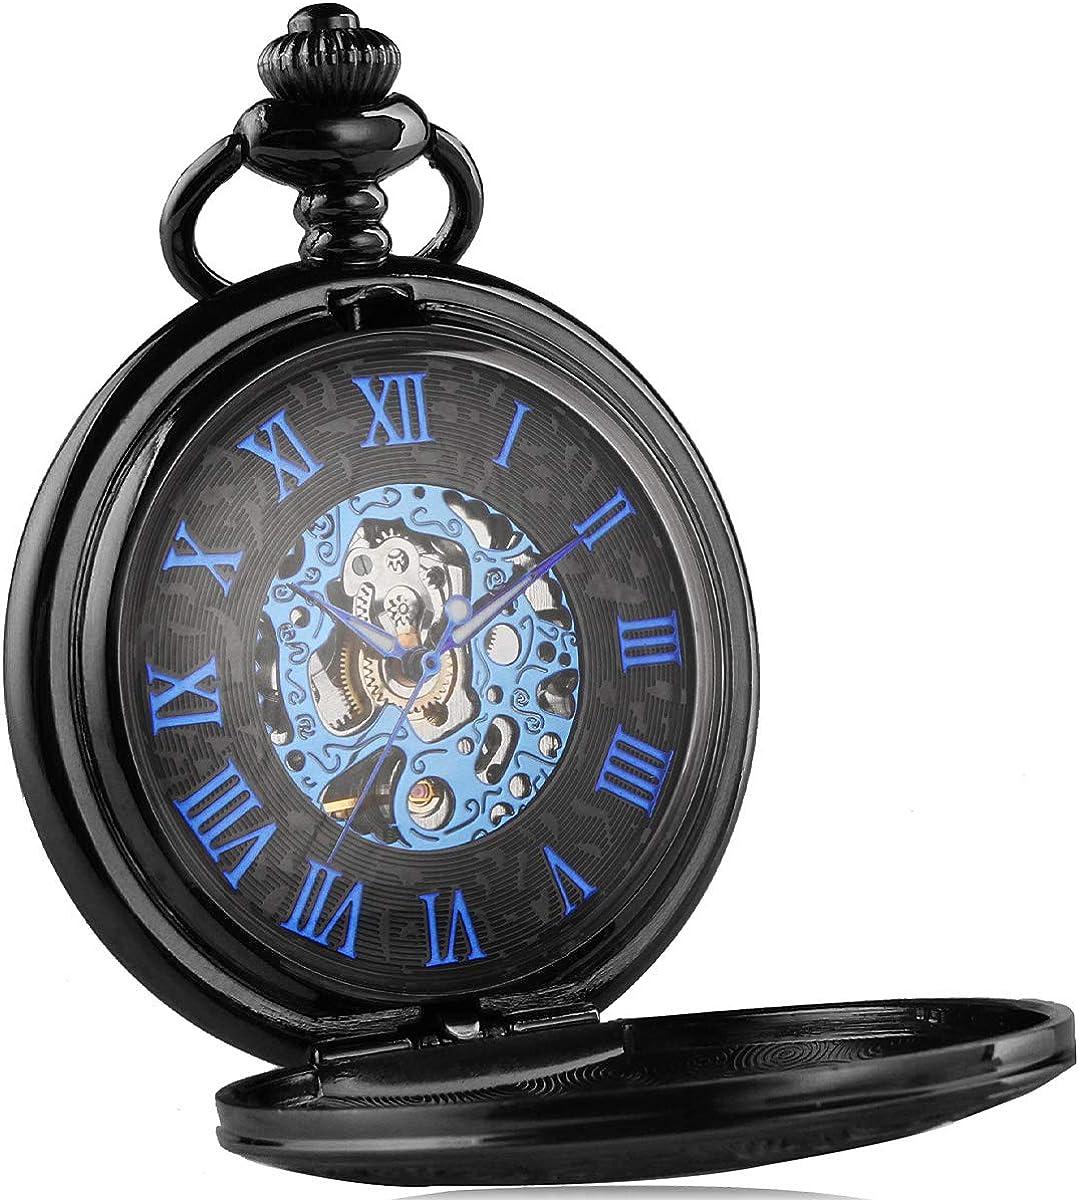 Alienwork de Bolsillo Mecánico Relojes Hombre Mujer Analógicos Esqueleto